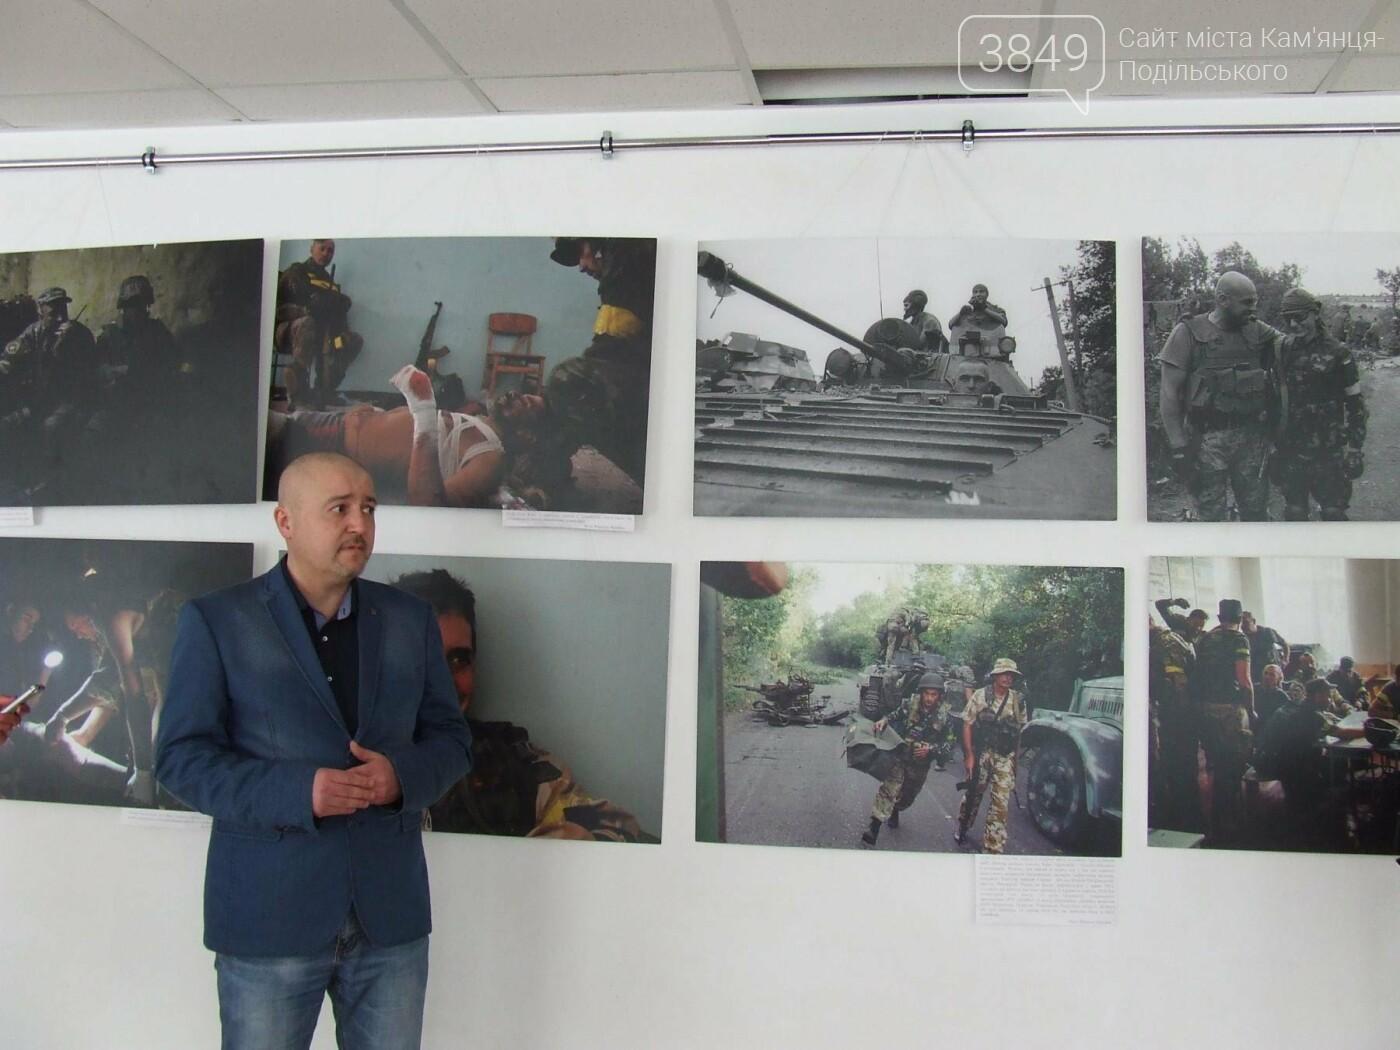 """У Кам'янці відкрито виставку """"Іловайськ - 2014"""", фото-1"""